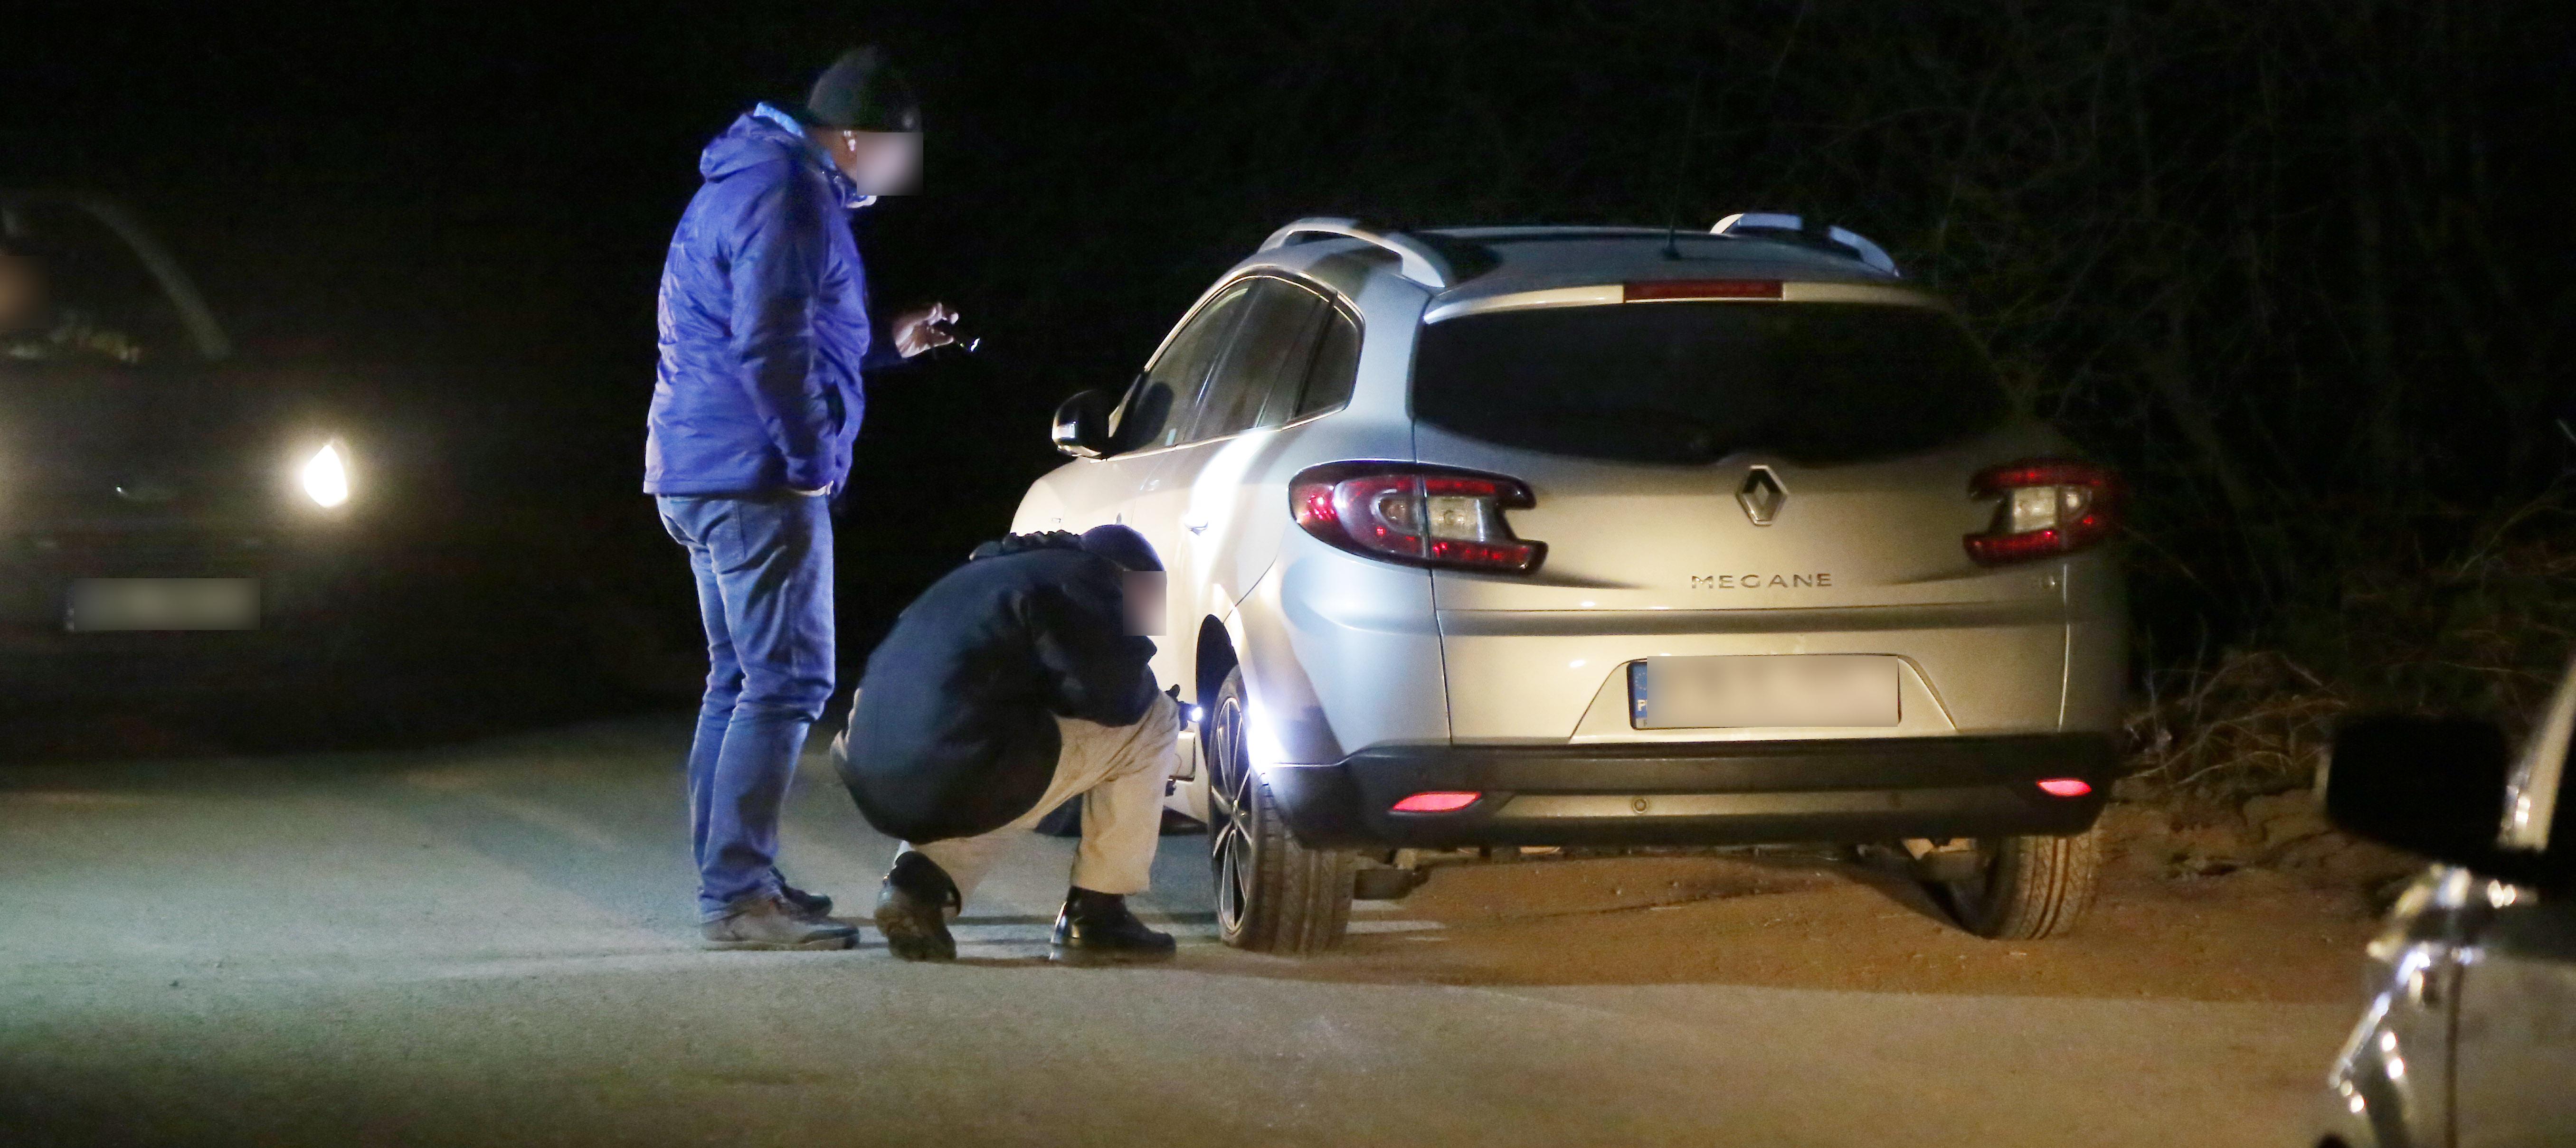 Akcja policji - 12 stycznia 2018 r.. Poszukiwania uciekających podejrzanych